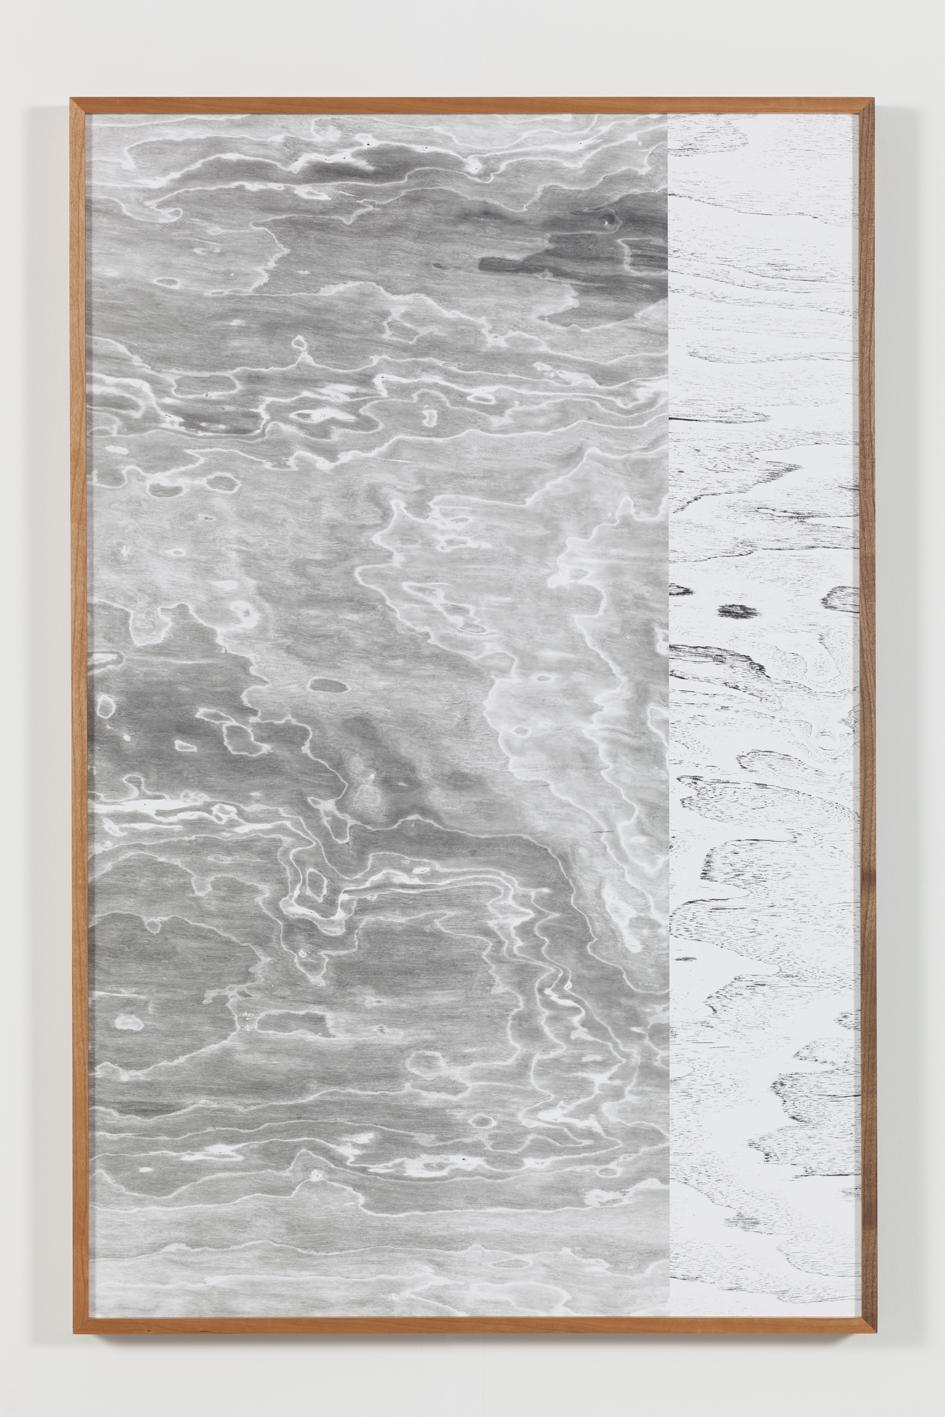 Lisa Oppenheim, Landscape Portraits (Some North American Trees), 2014. 5 stampe in b/n ai sali d'argento, pezzi unici, montate fuori registro in cornici originali. Ogni elemento: 98 x 64,45 cm (con cornice) (Courtesy Galleria The Approach, Londra)